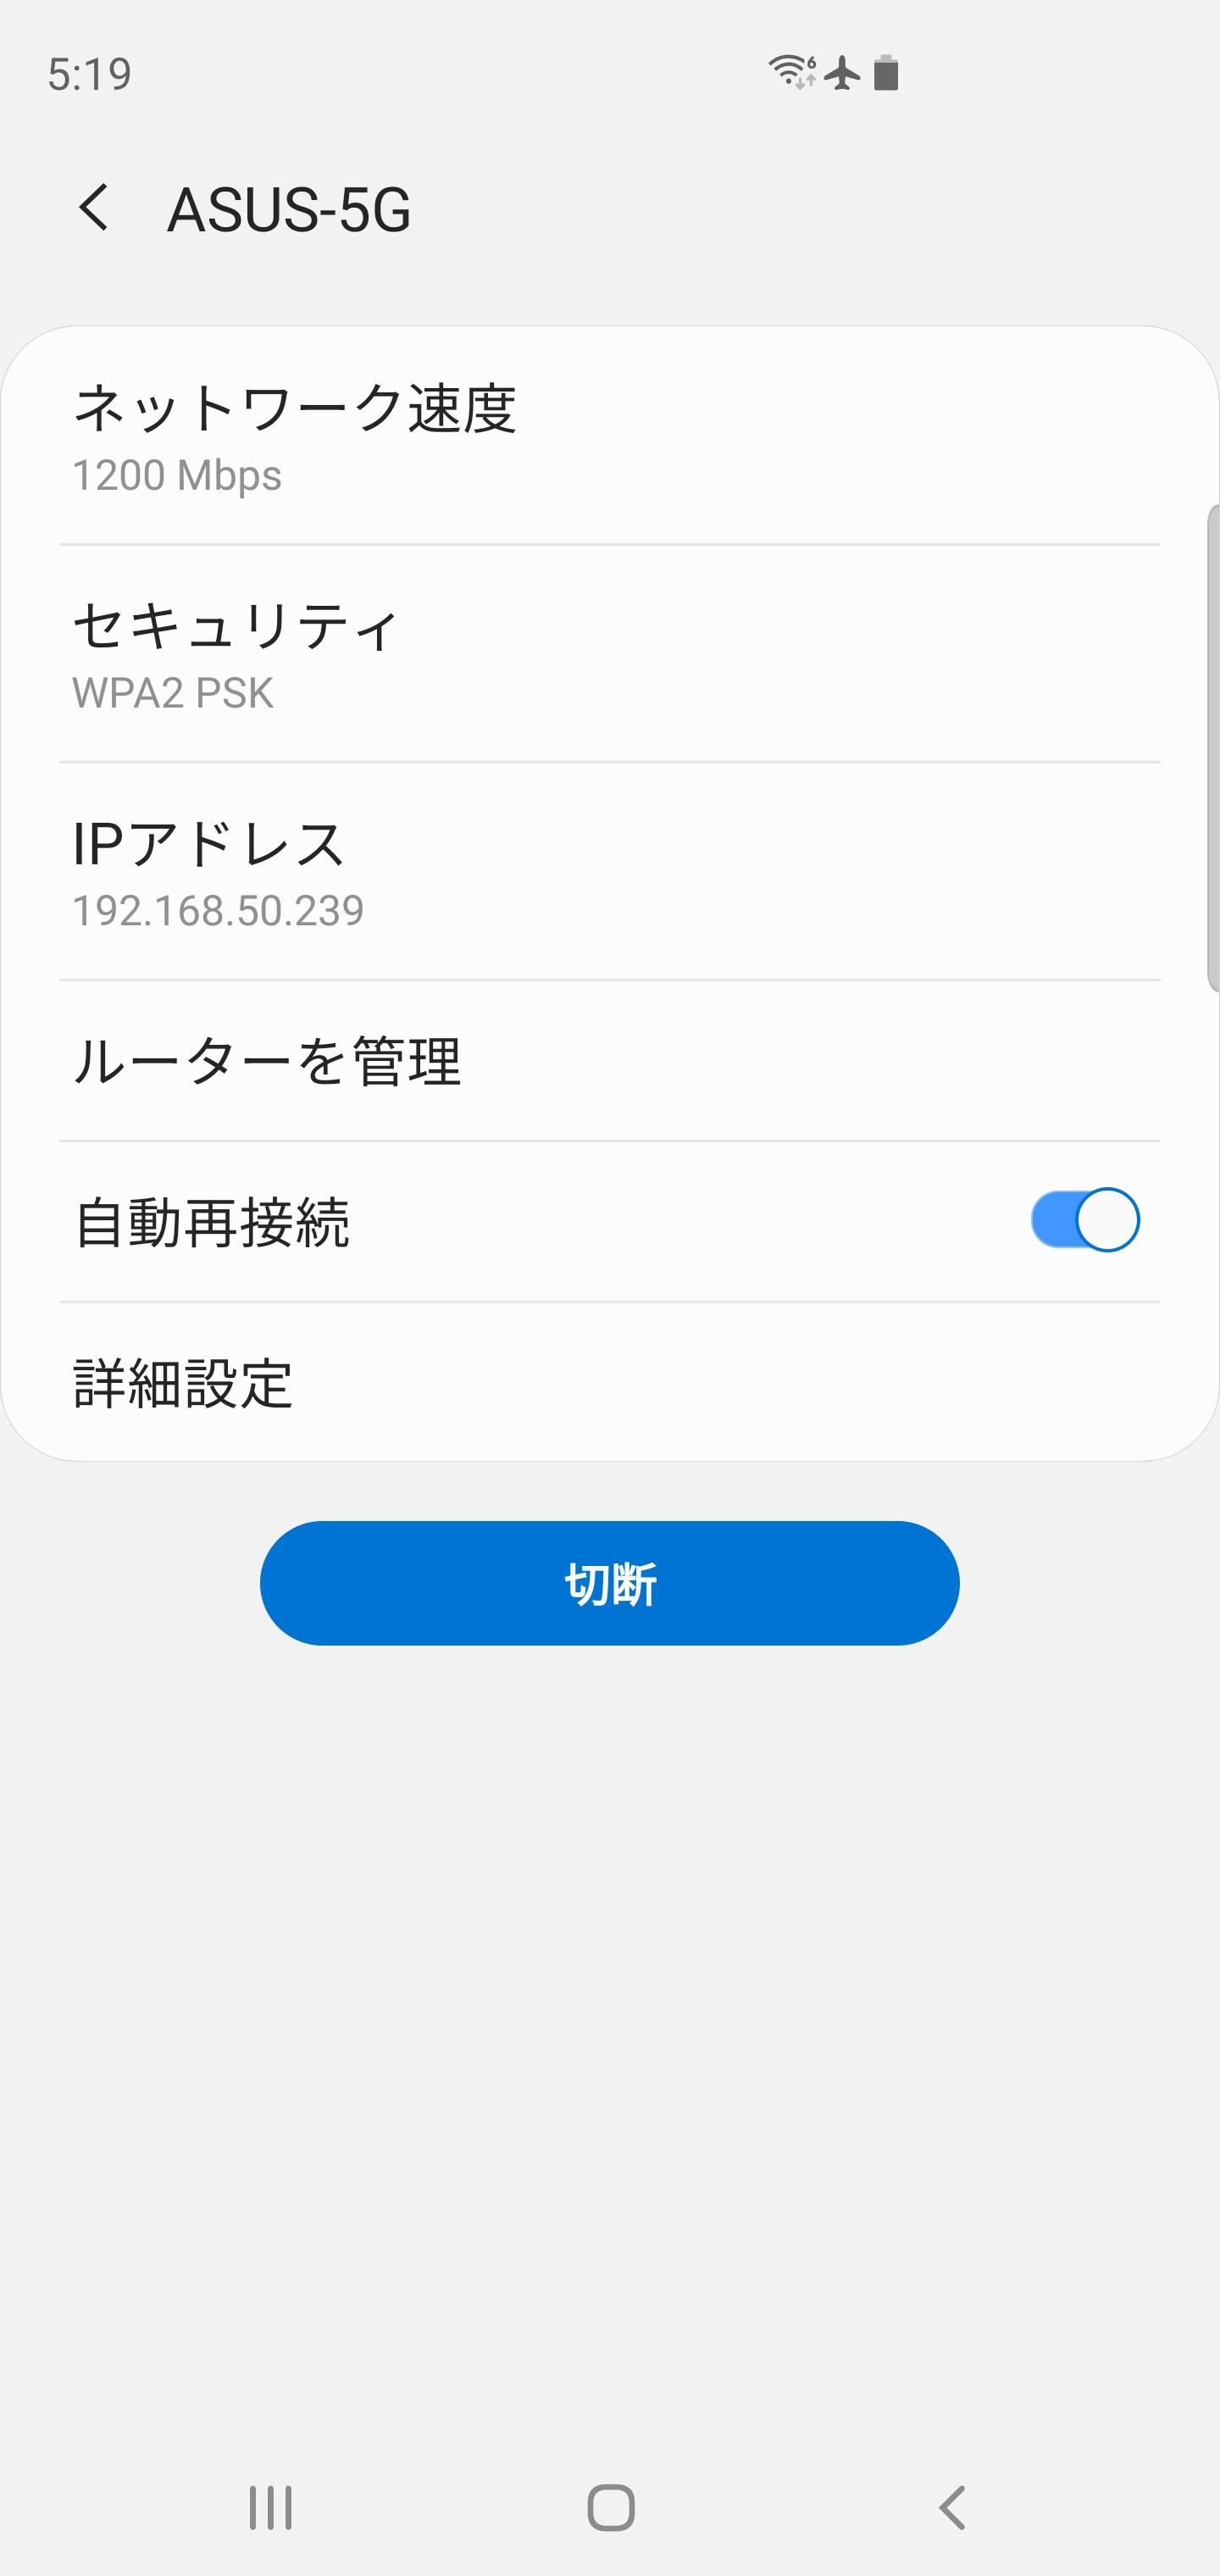 Galaxy S10+のWi-Fi設定画面でも、1200Mbpsでリンクしていることを確認した